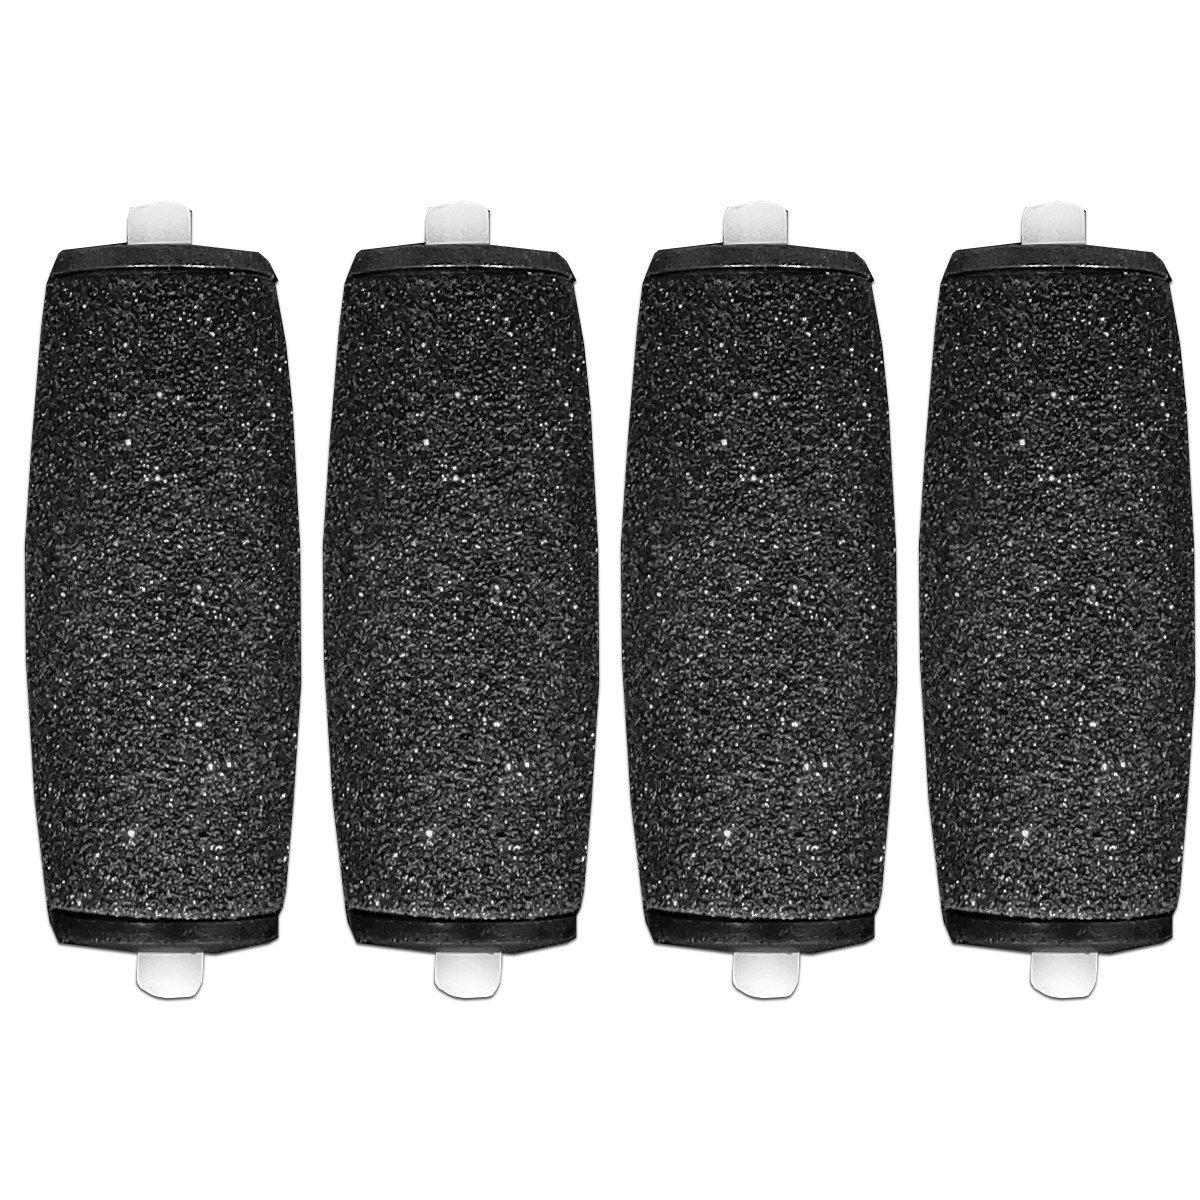 4 x Compatibile Scholl Velluto Liscio Express Diamante Pedi Di ricambio Bigodini